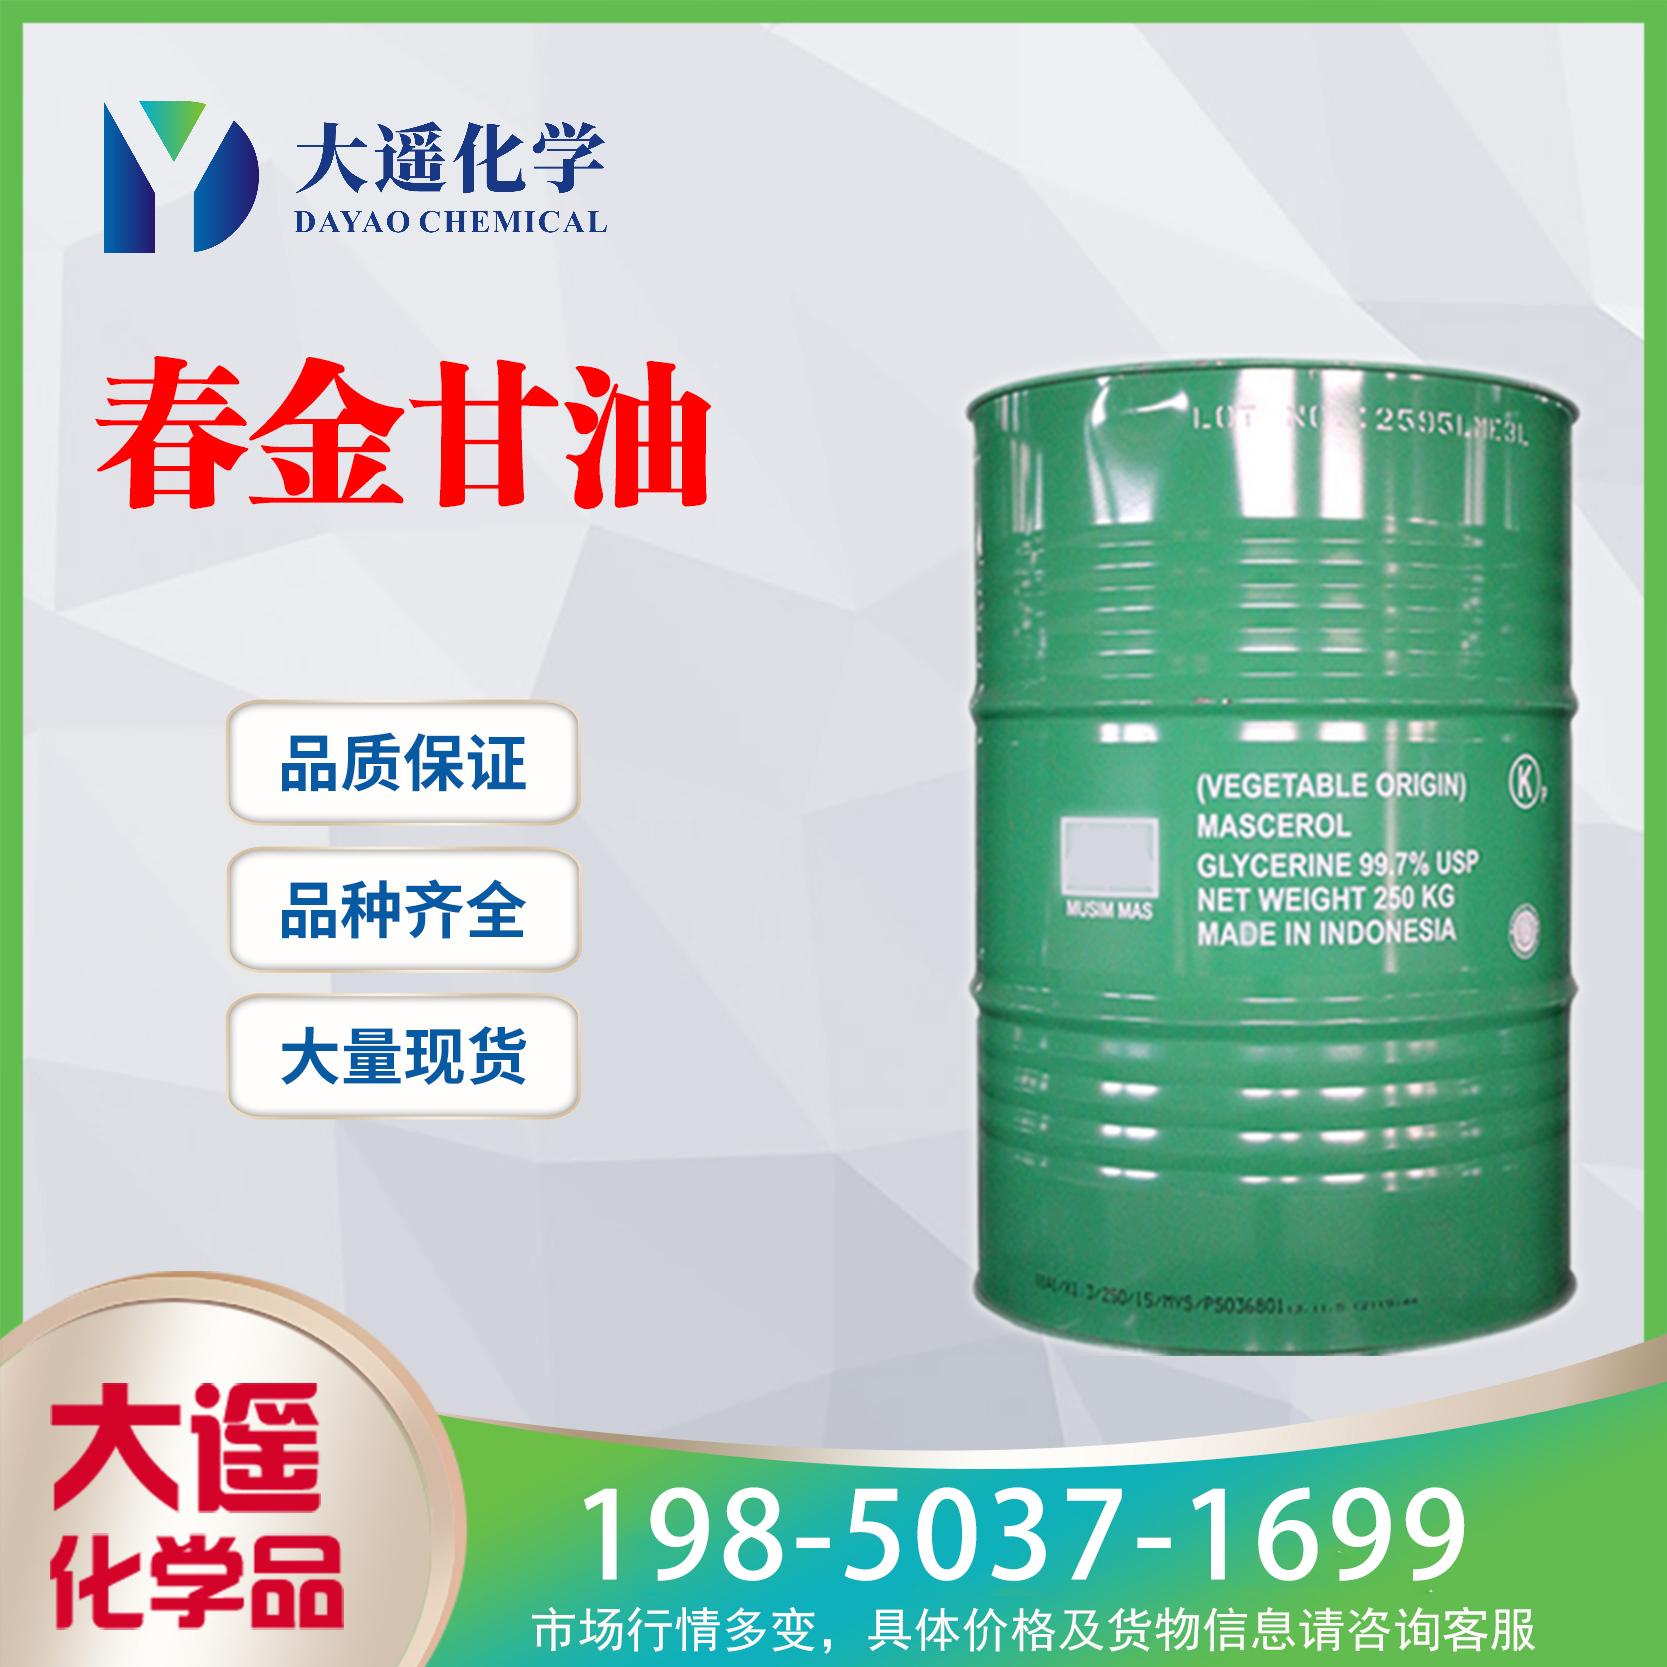 现货供应 印尼春金甘油 997精甘油 丙三醇 250KG/桶 56-81-5